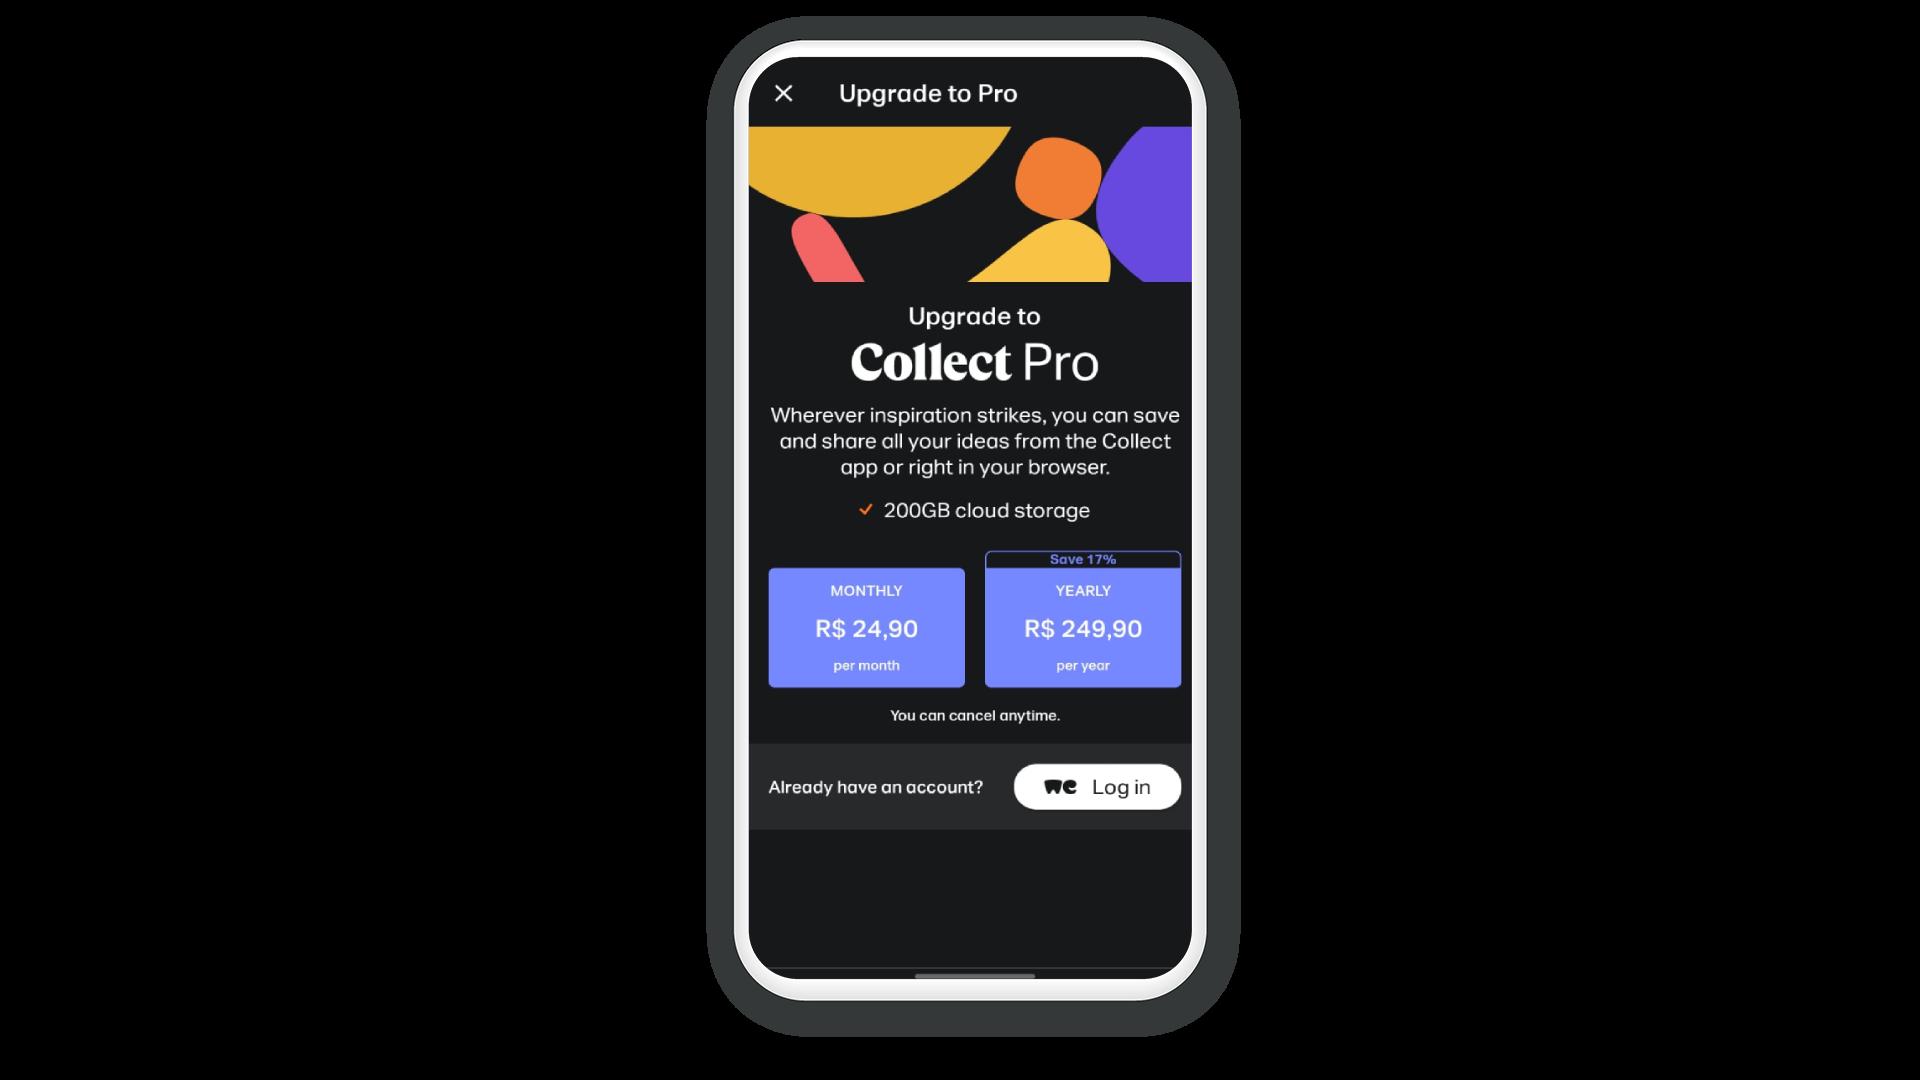 Página do WeTransfer no celular oferecendo os planos por assinatura para acesso à versão Pro.